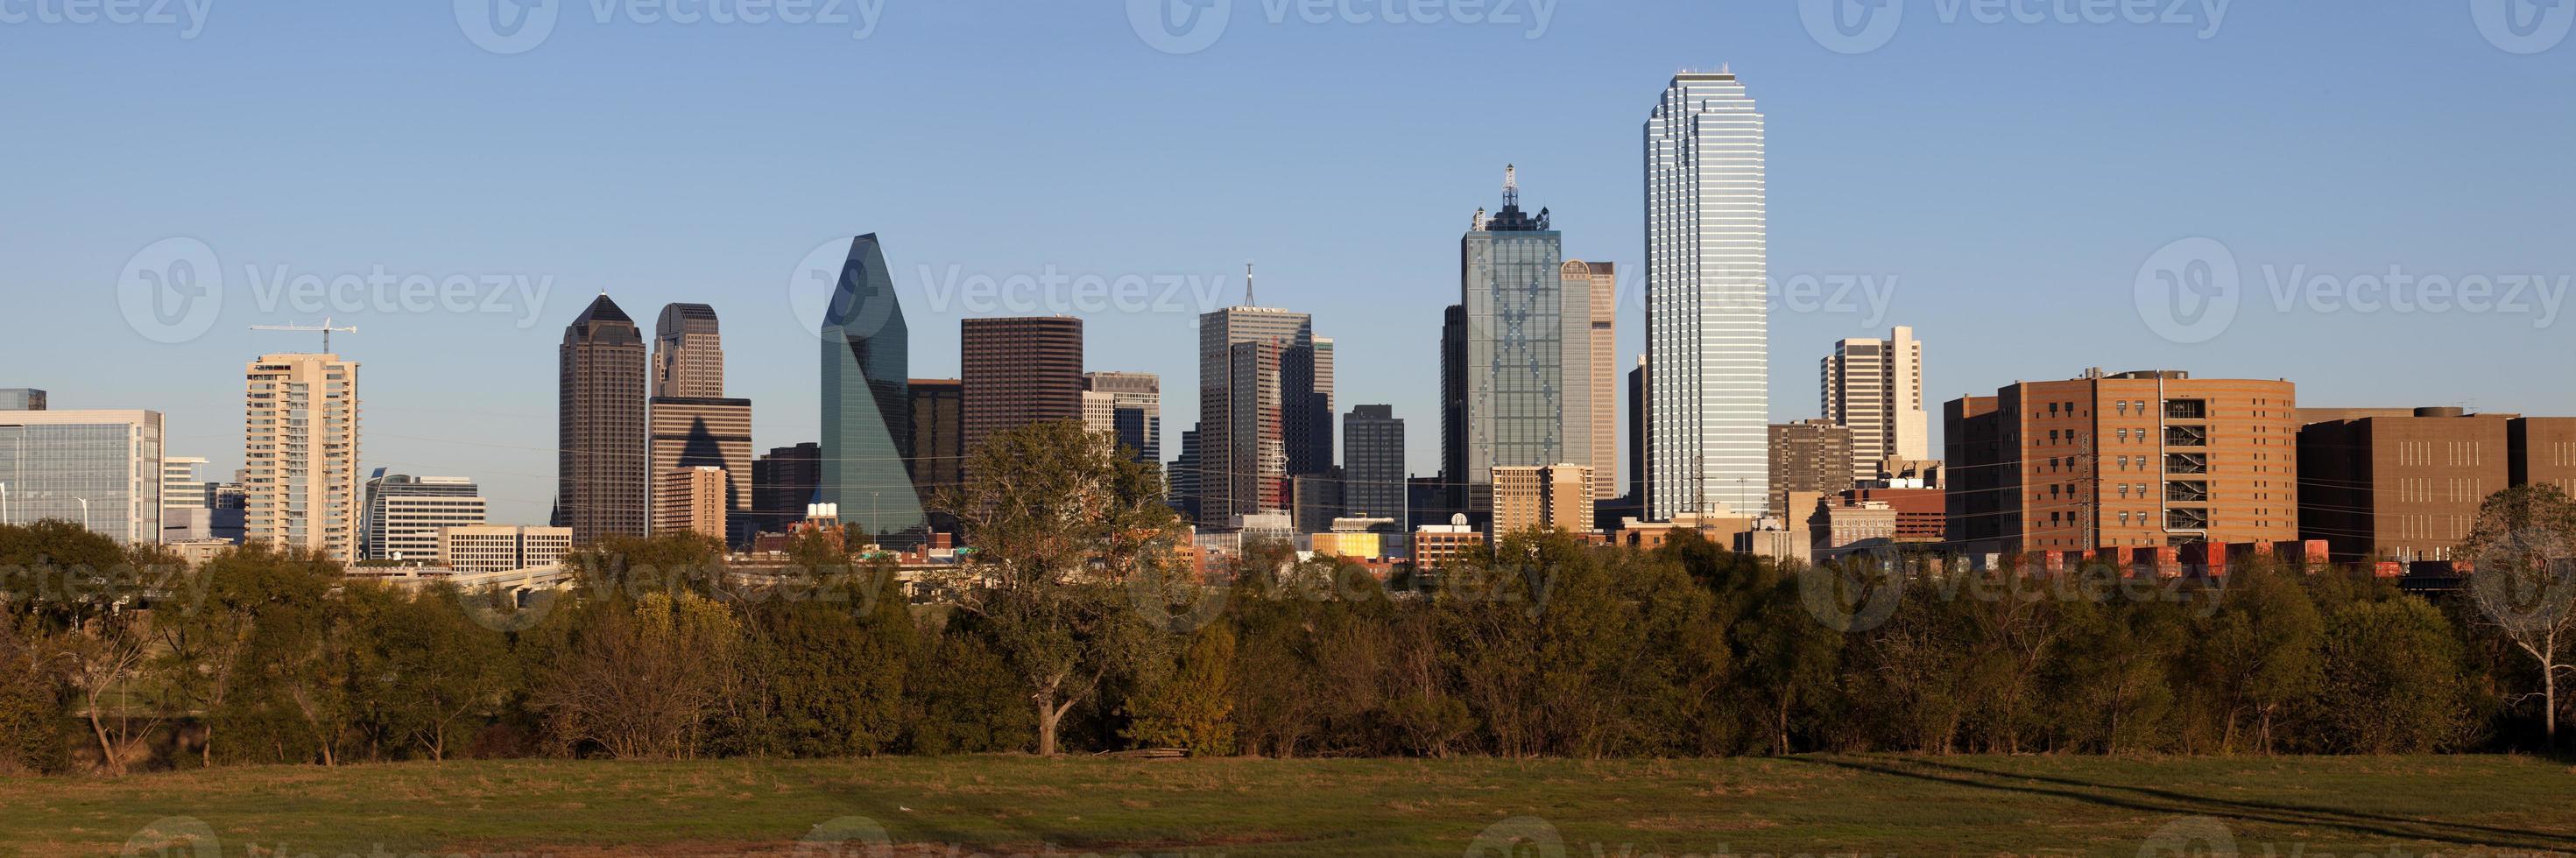 horizonte de dallas texas foto